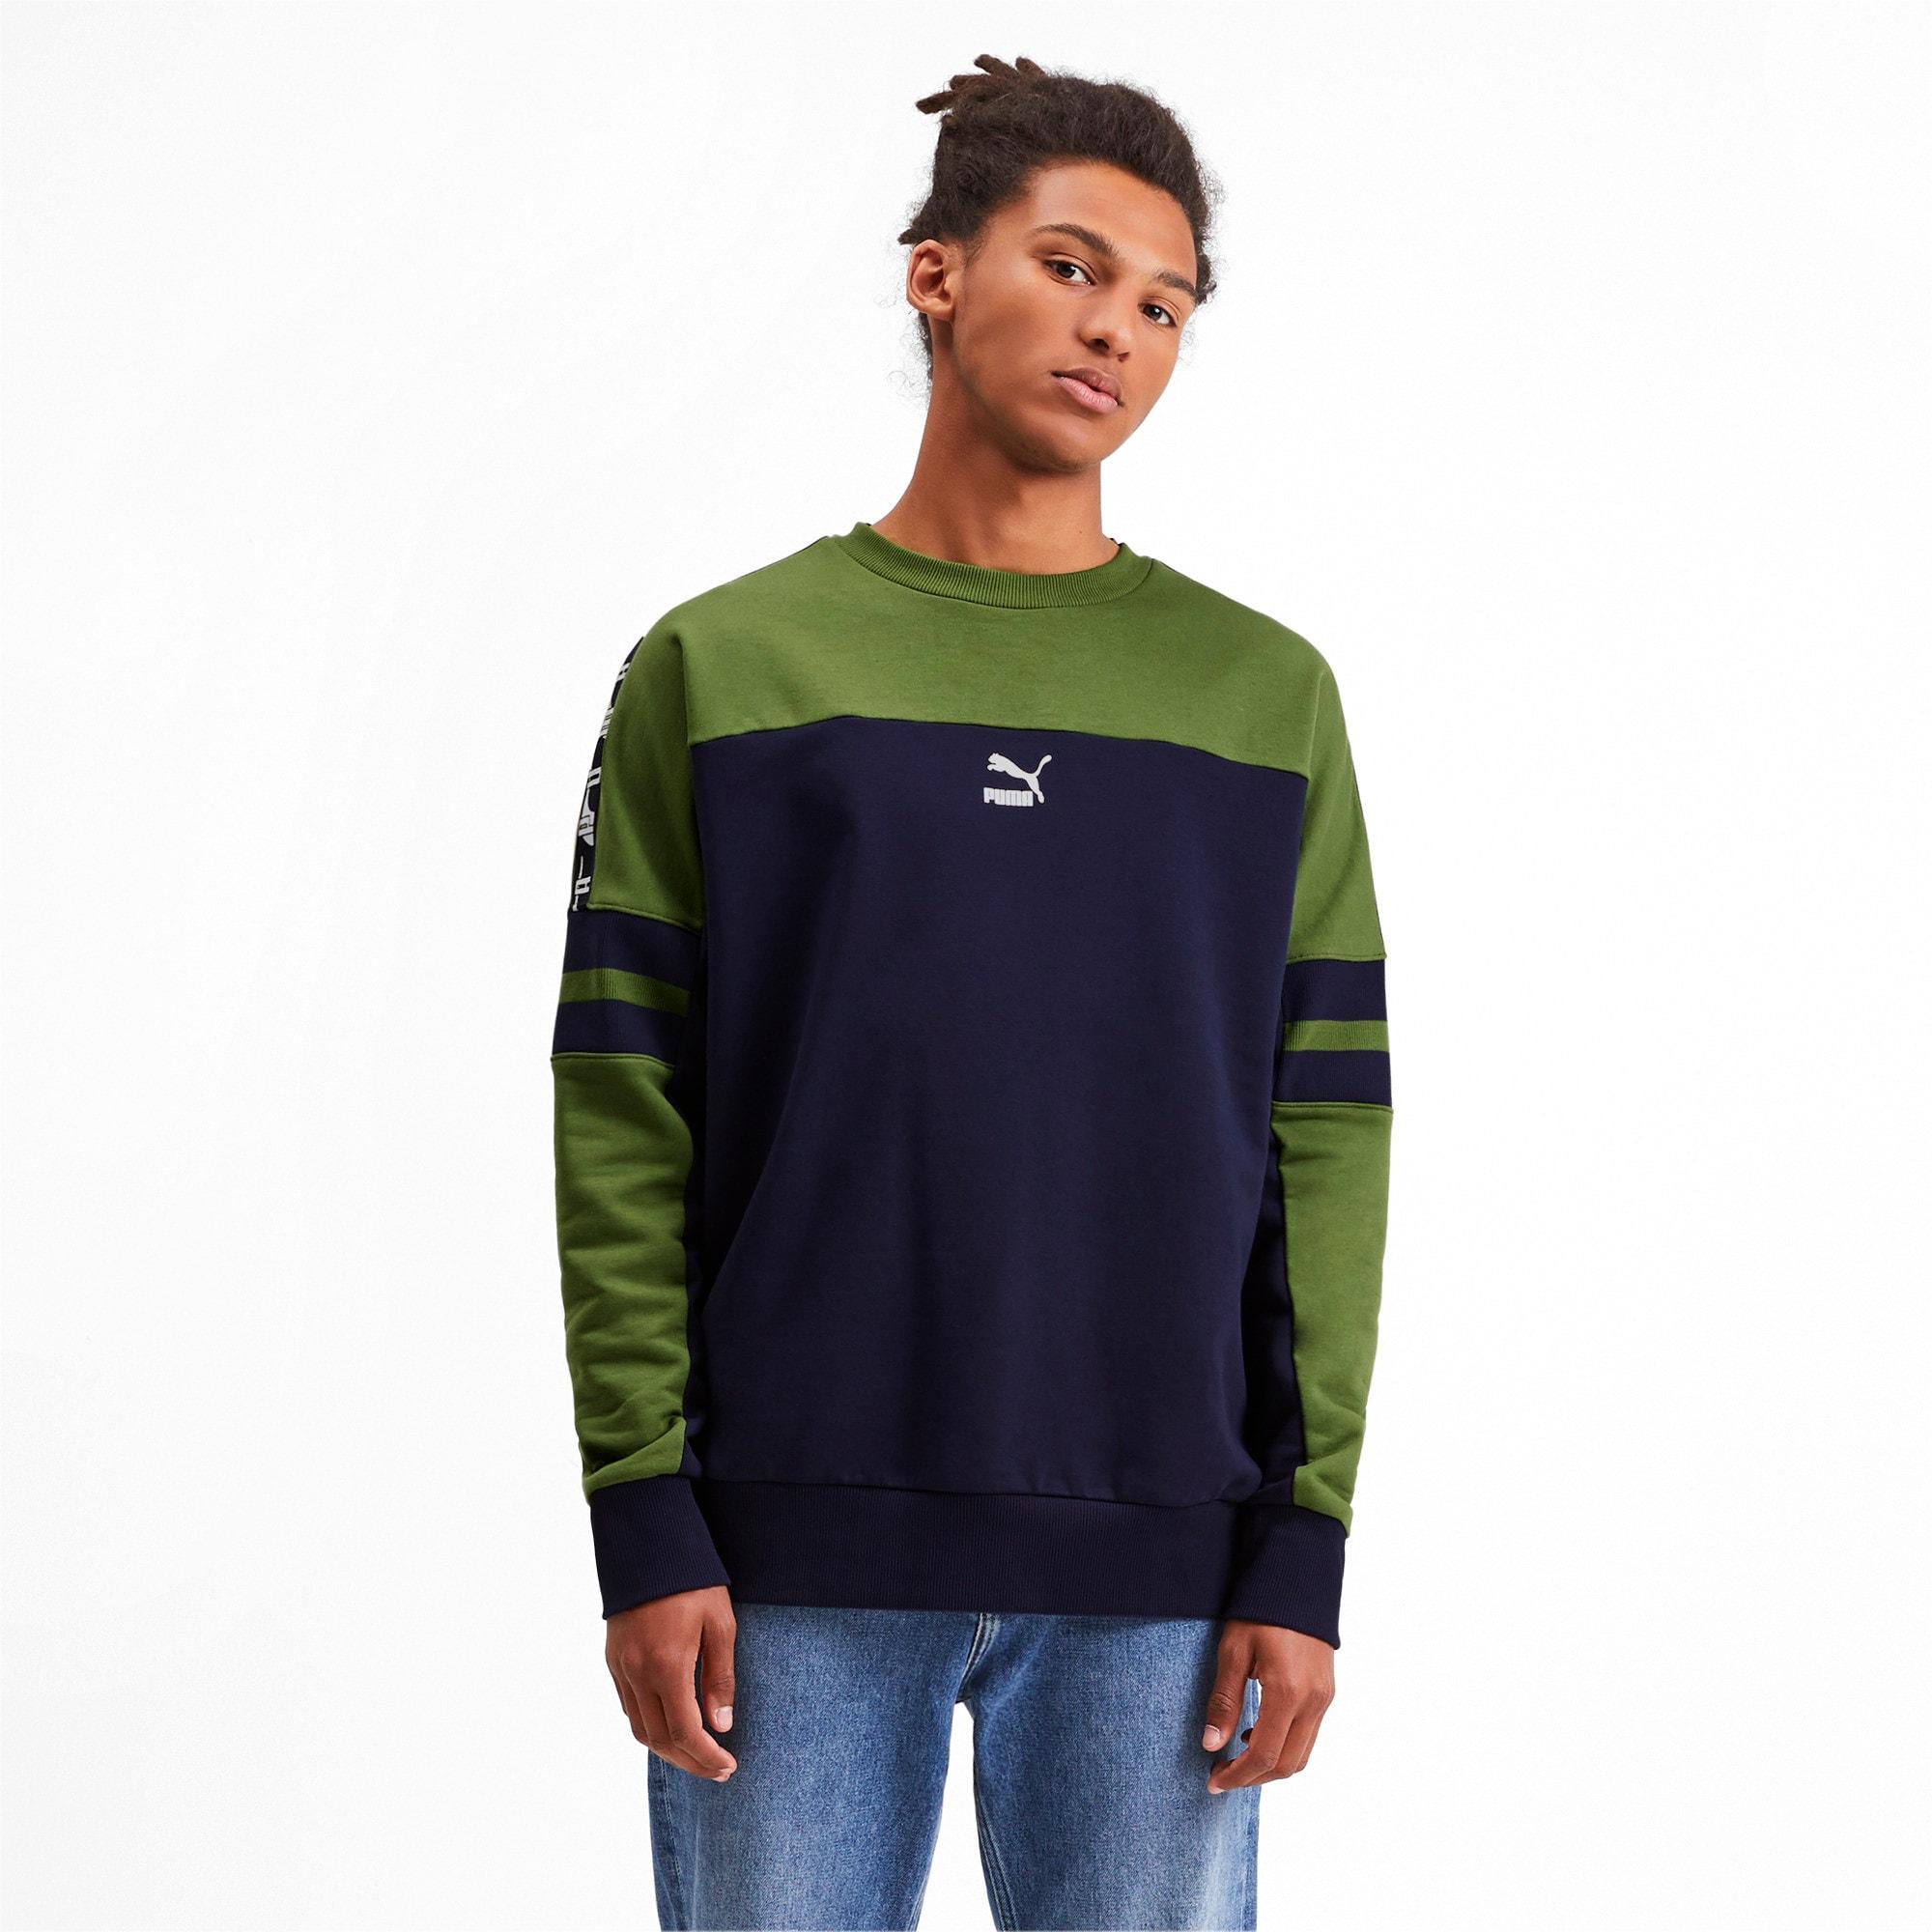 Thumbnail 1 of PUMA XTG Men's Crewneck Sweatshirt, Peacoat, medium